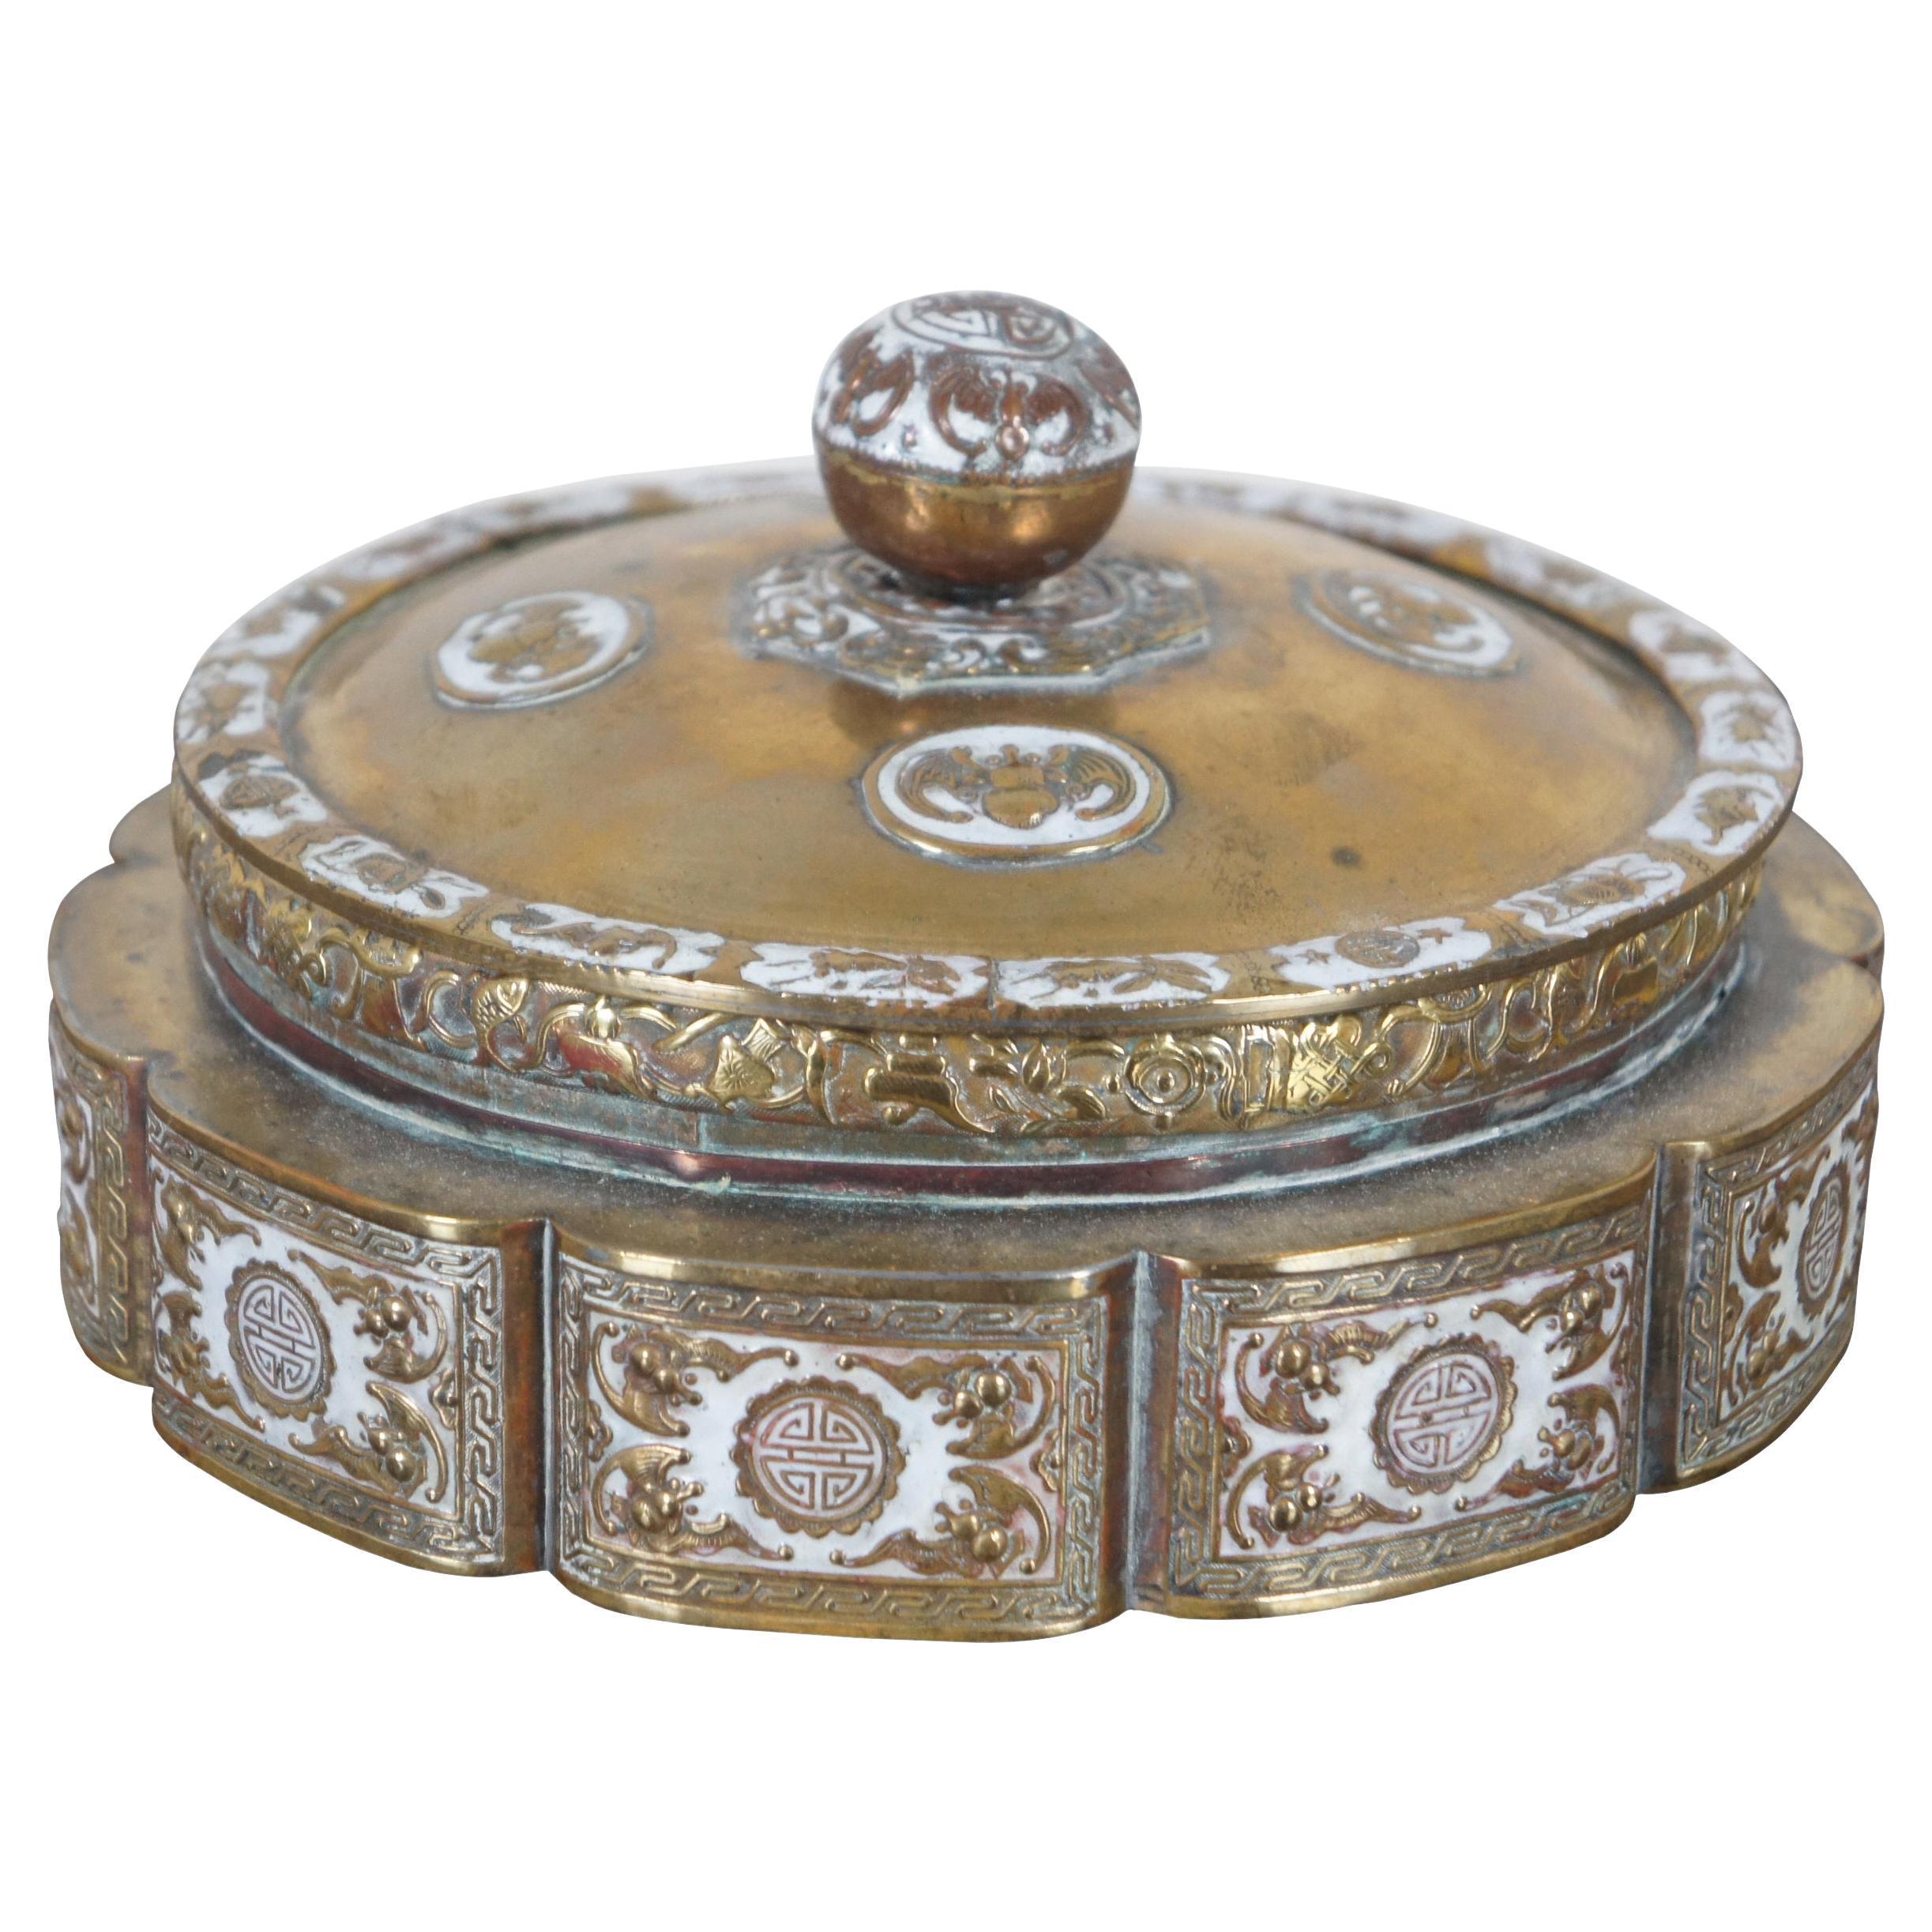 Antique Chinese Round Brass Enameled Lidded Trinket Keepsake Box Dish